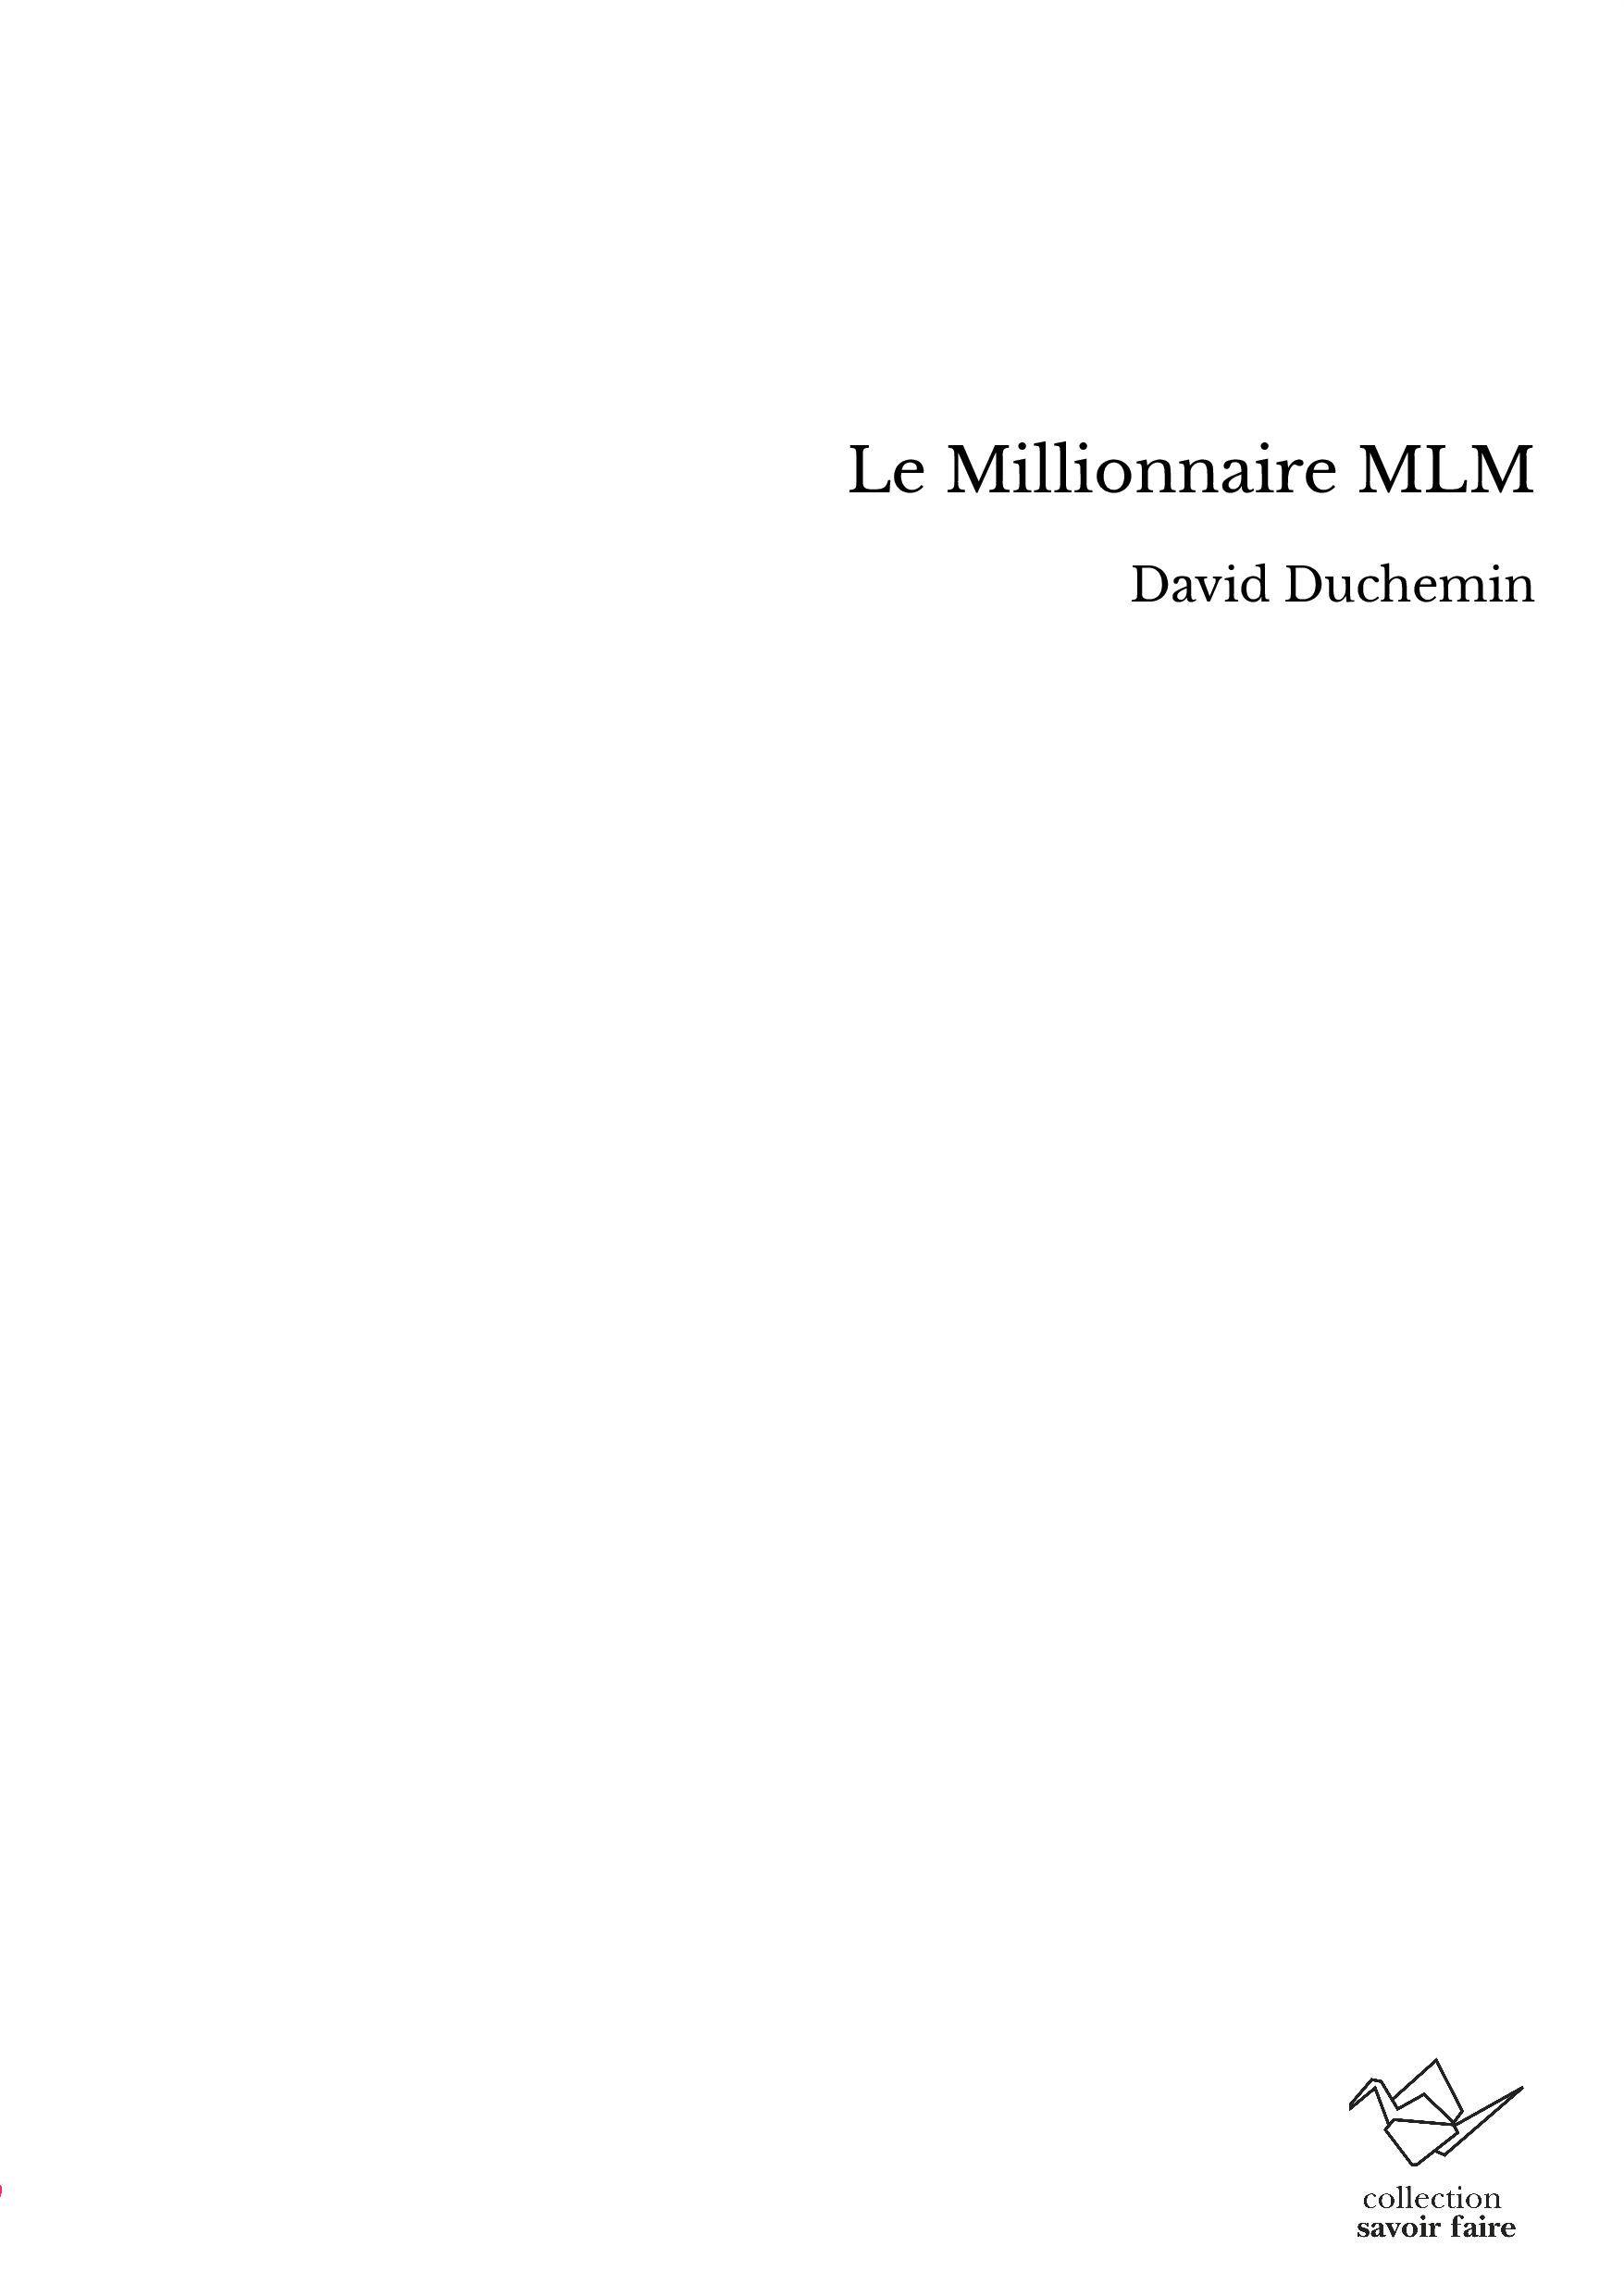 Le Millionnaire MLM